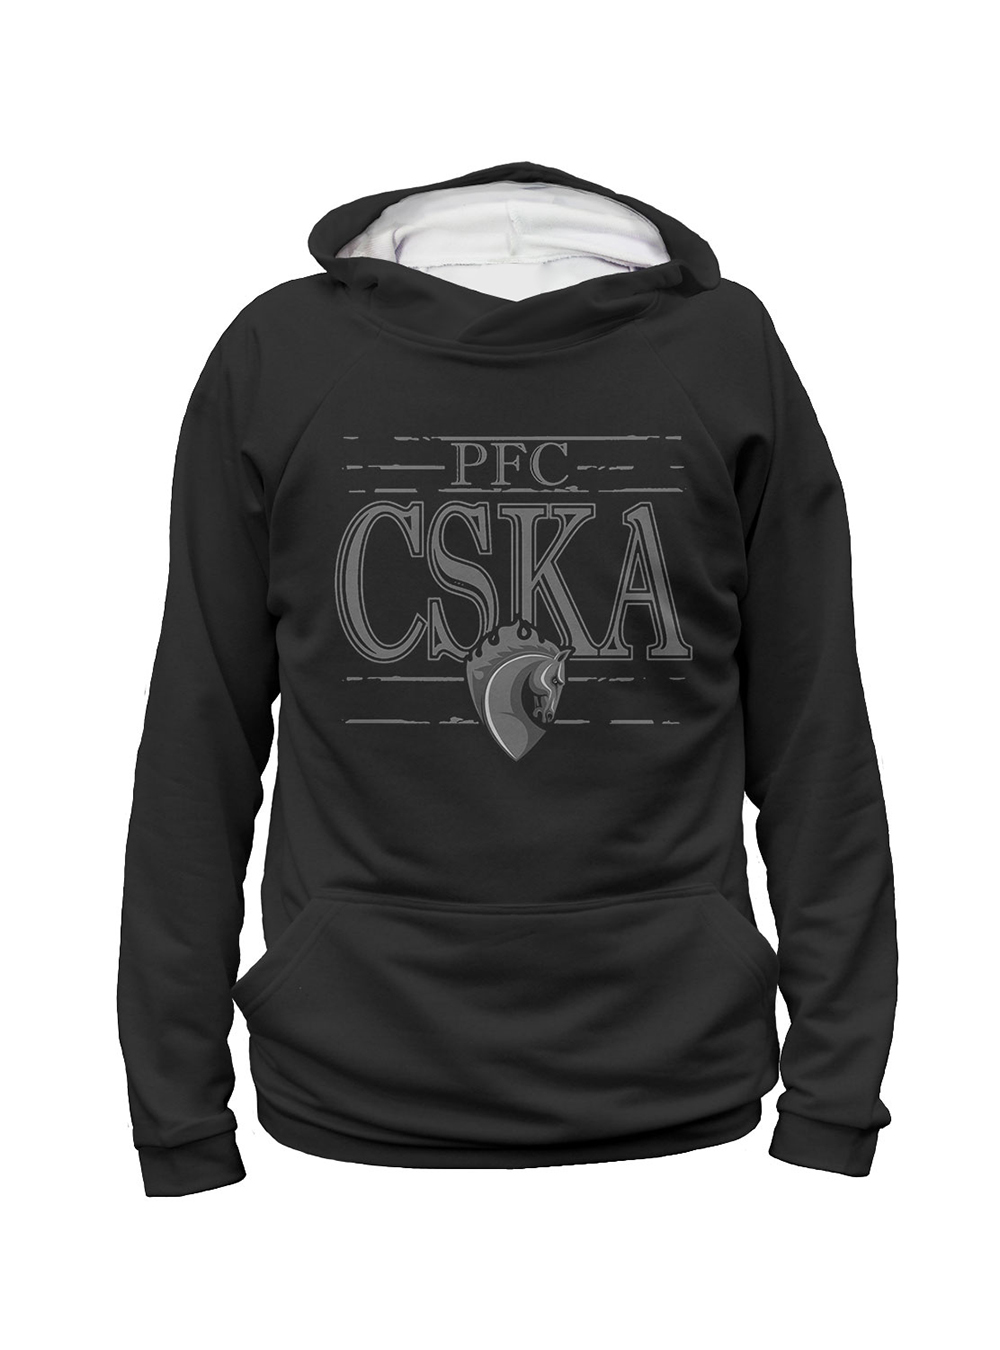 Худи PFC CSKA. Талисман (L)Одежда на заказ<br>Худи PFC CSKA. Талисман<br>